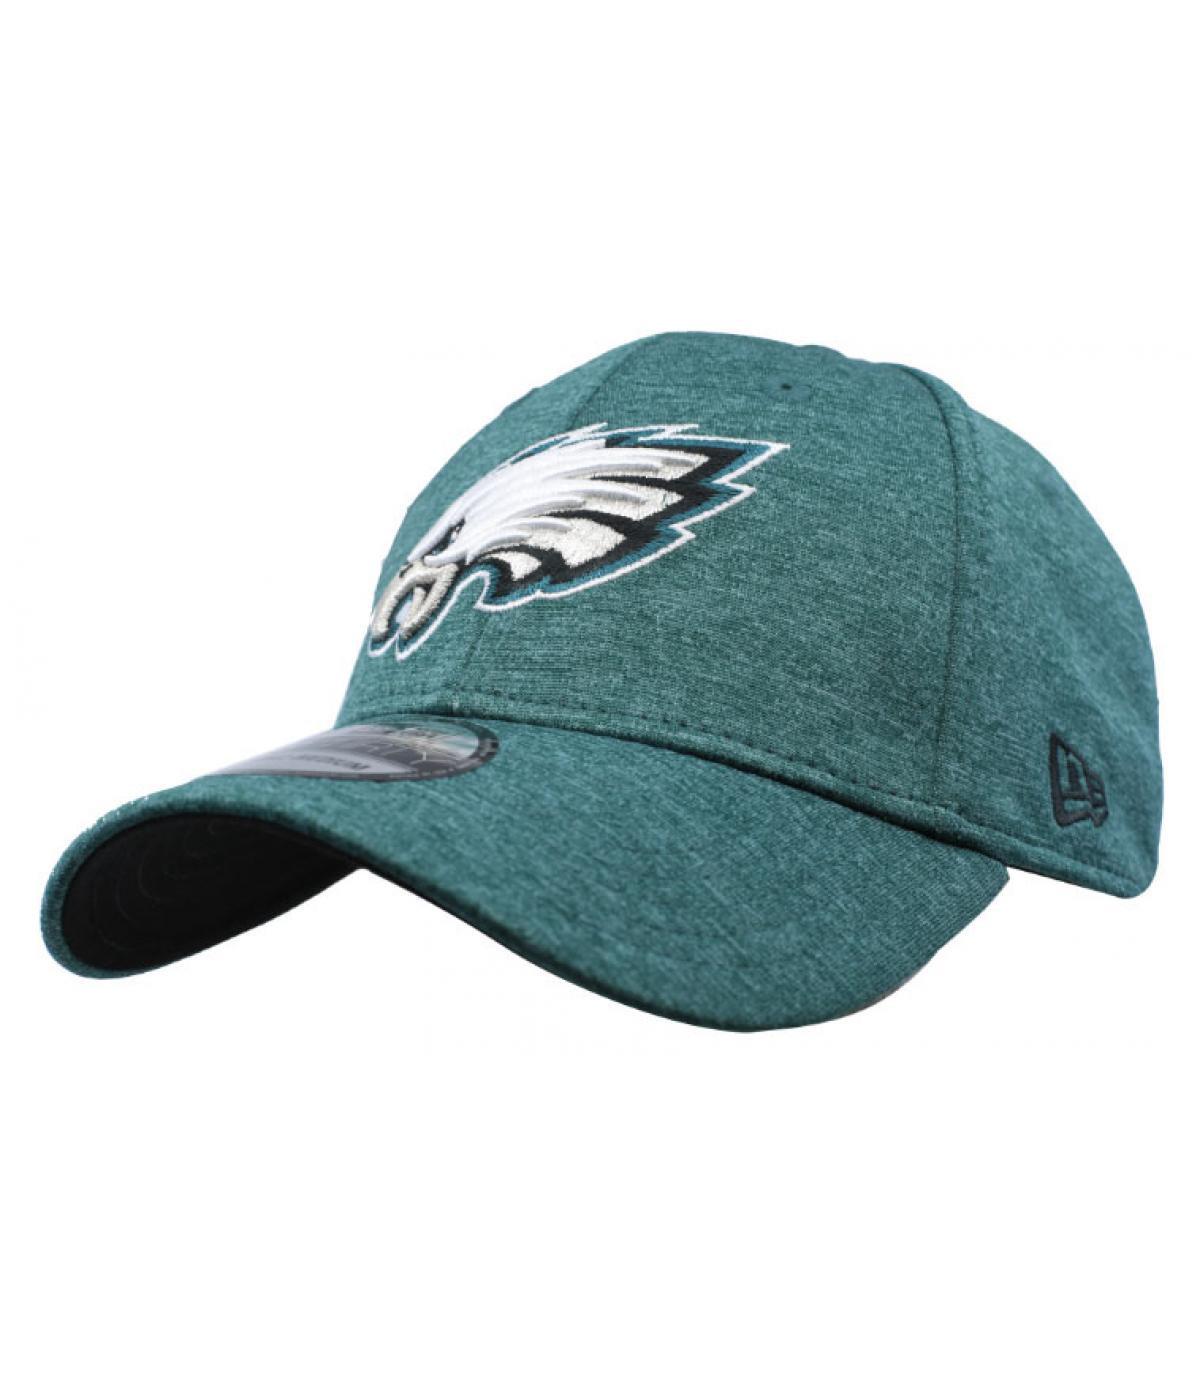 2765c0aa New Era green cap - Buy online at Headict.